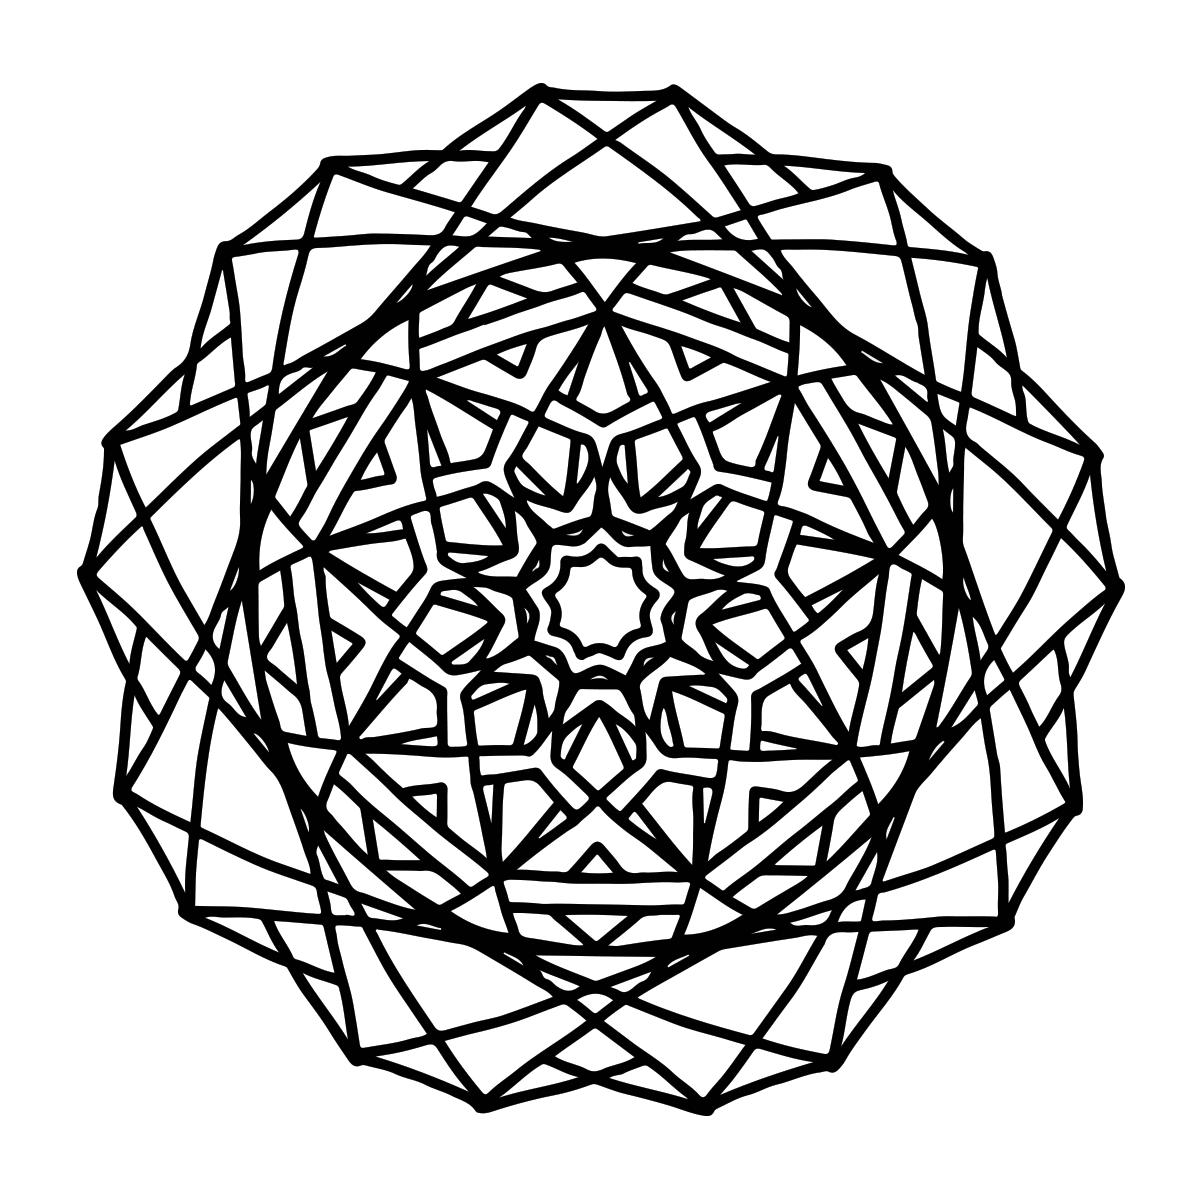 Geometric Mandala Coloring